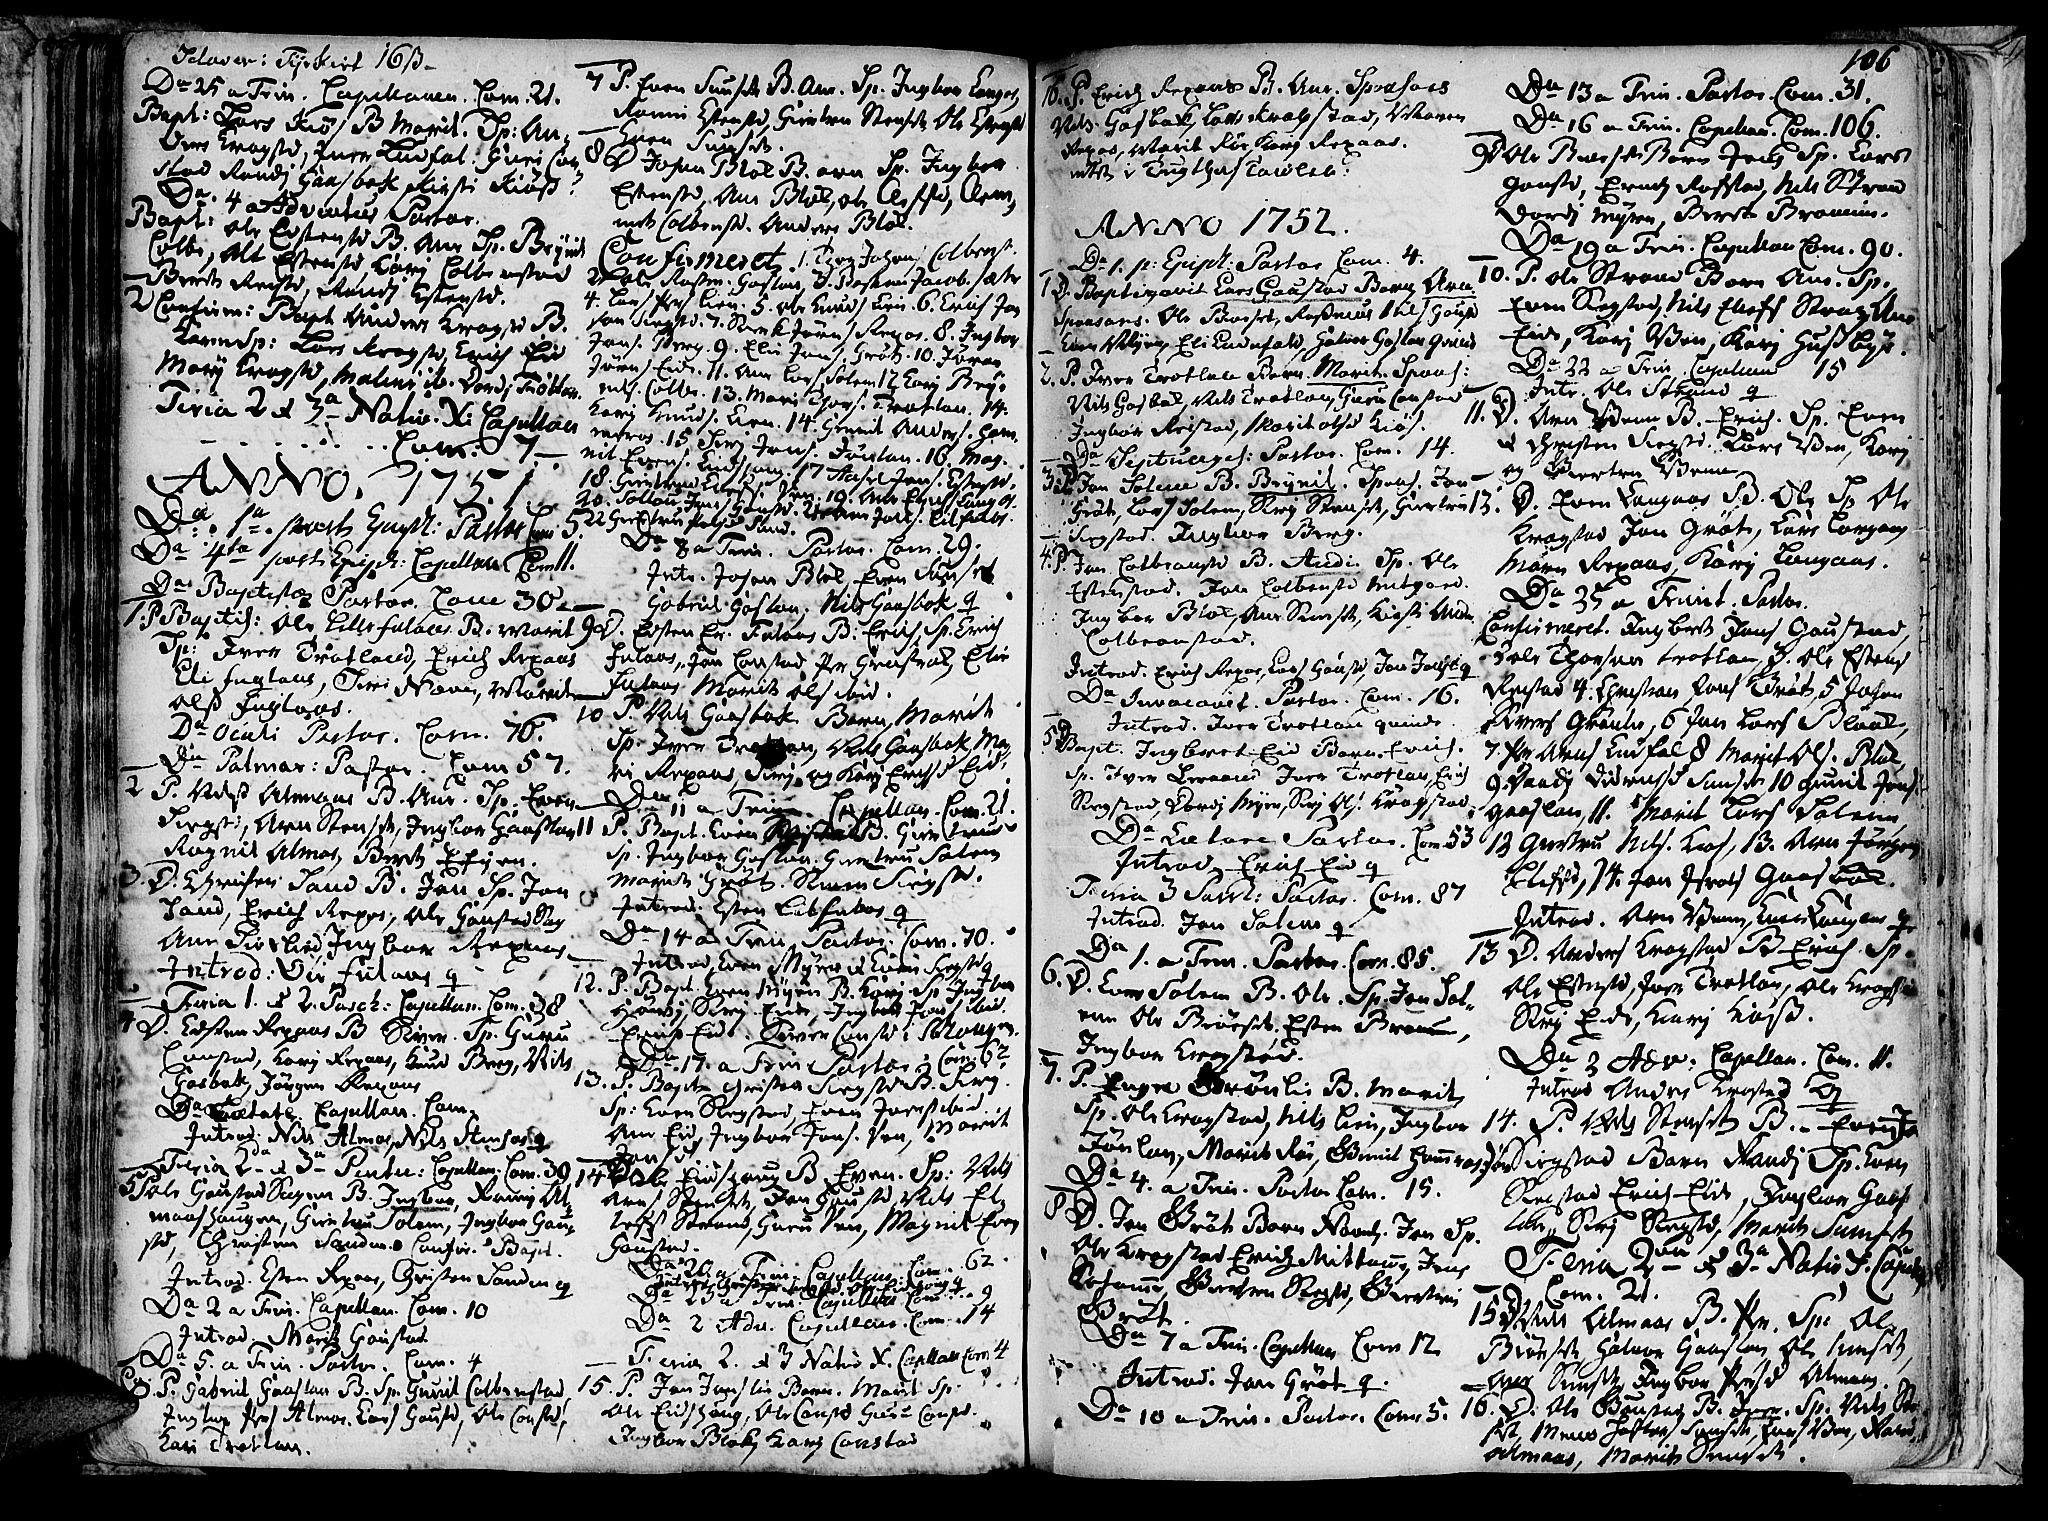 SAT, Ministerialprotokoller, klokkerbøker og fødselsregistre - Sør-Trøndelag, 691/L1060: Ministerialbok nr. 691A01 /4, 1740-1767, s. 106